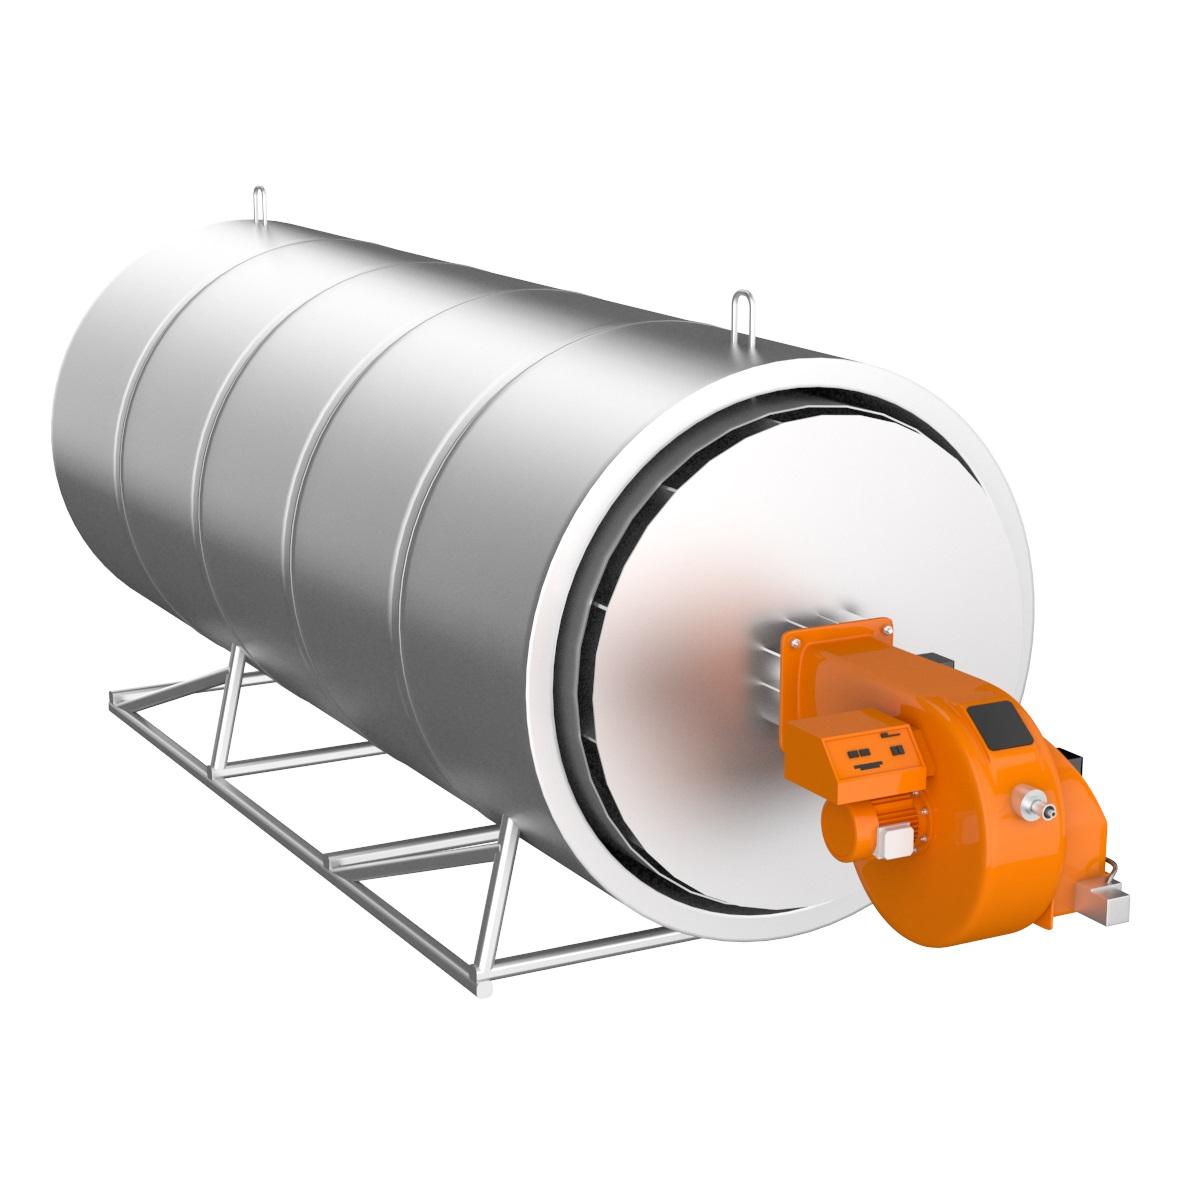 Теплообменник с промежуточным теплоносителем купить пластинчатый рекуперативный теплообменник